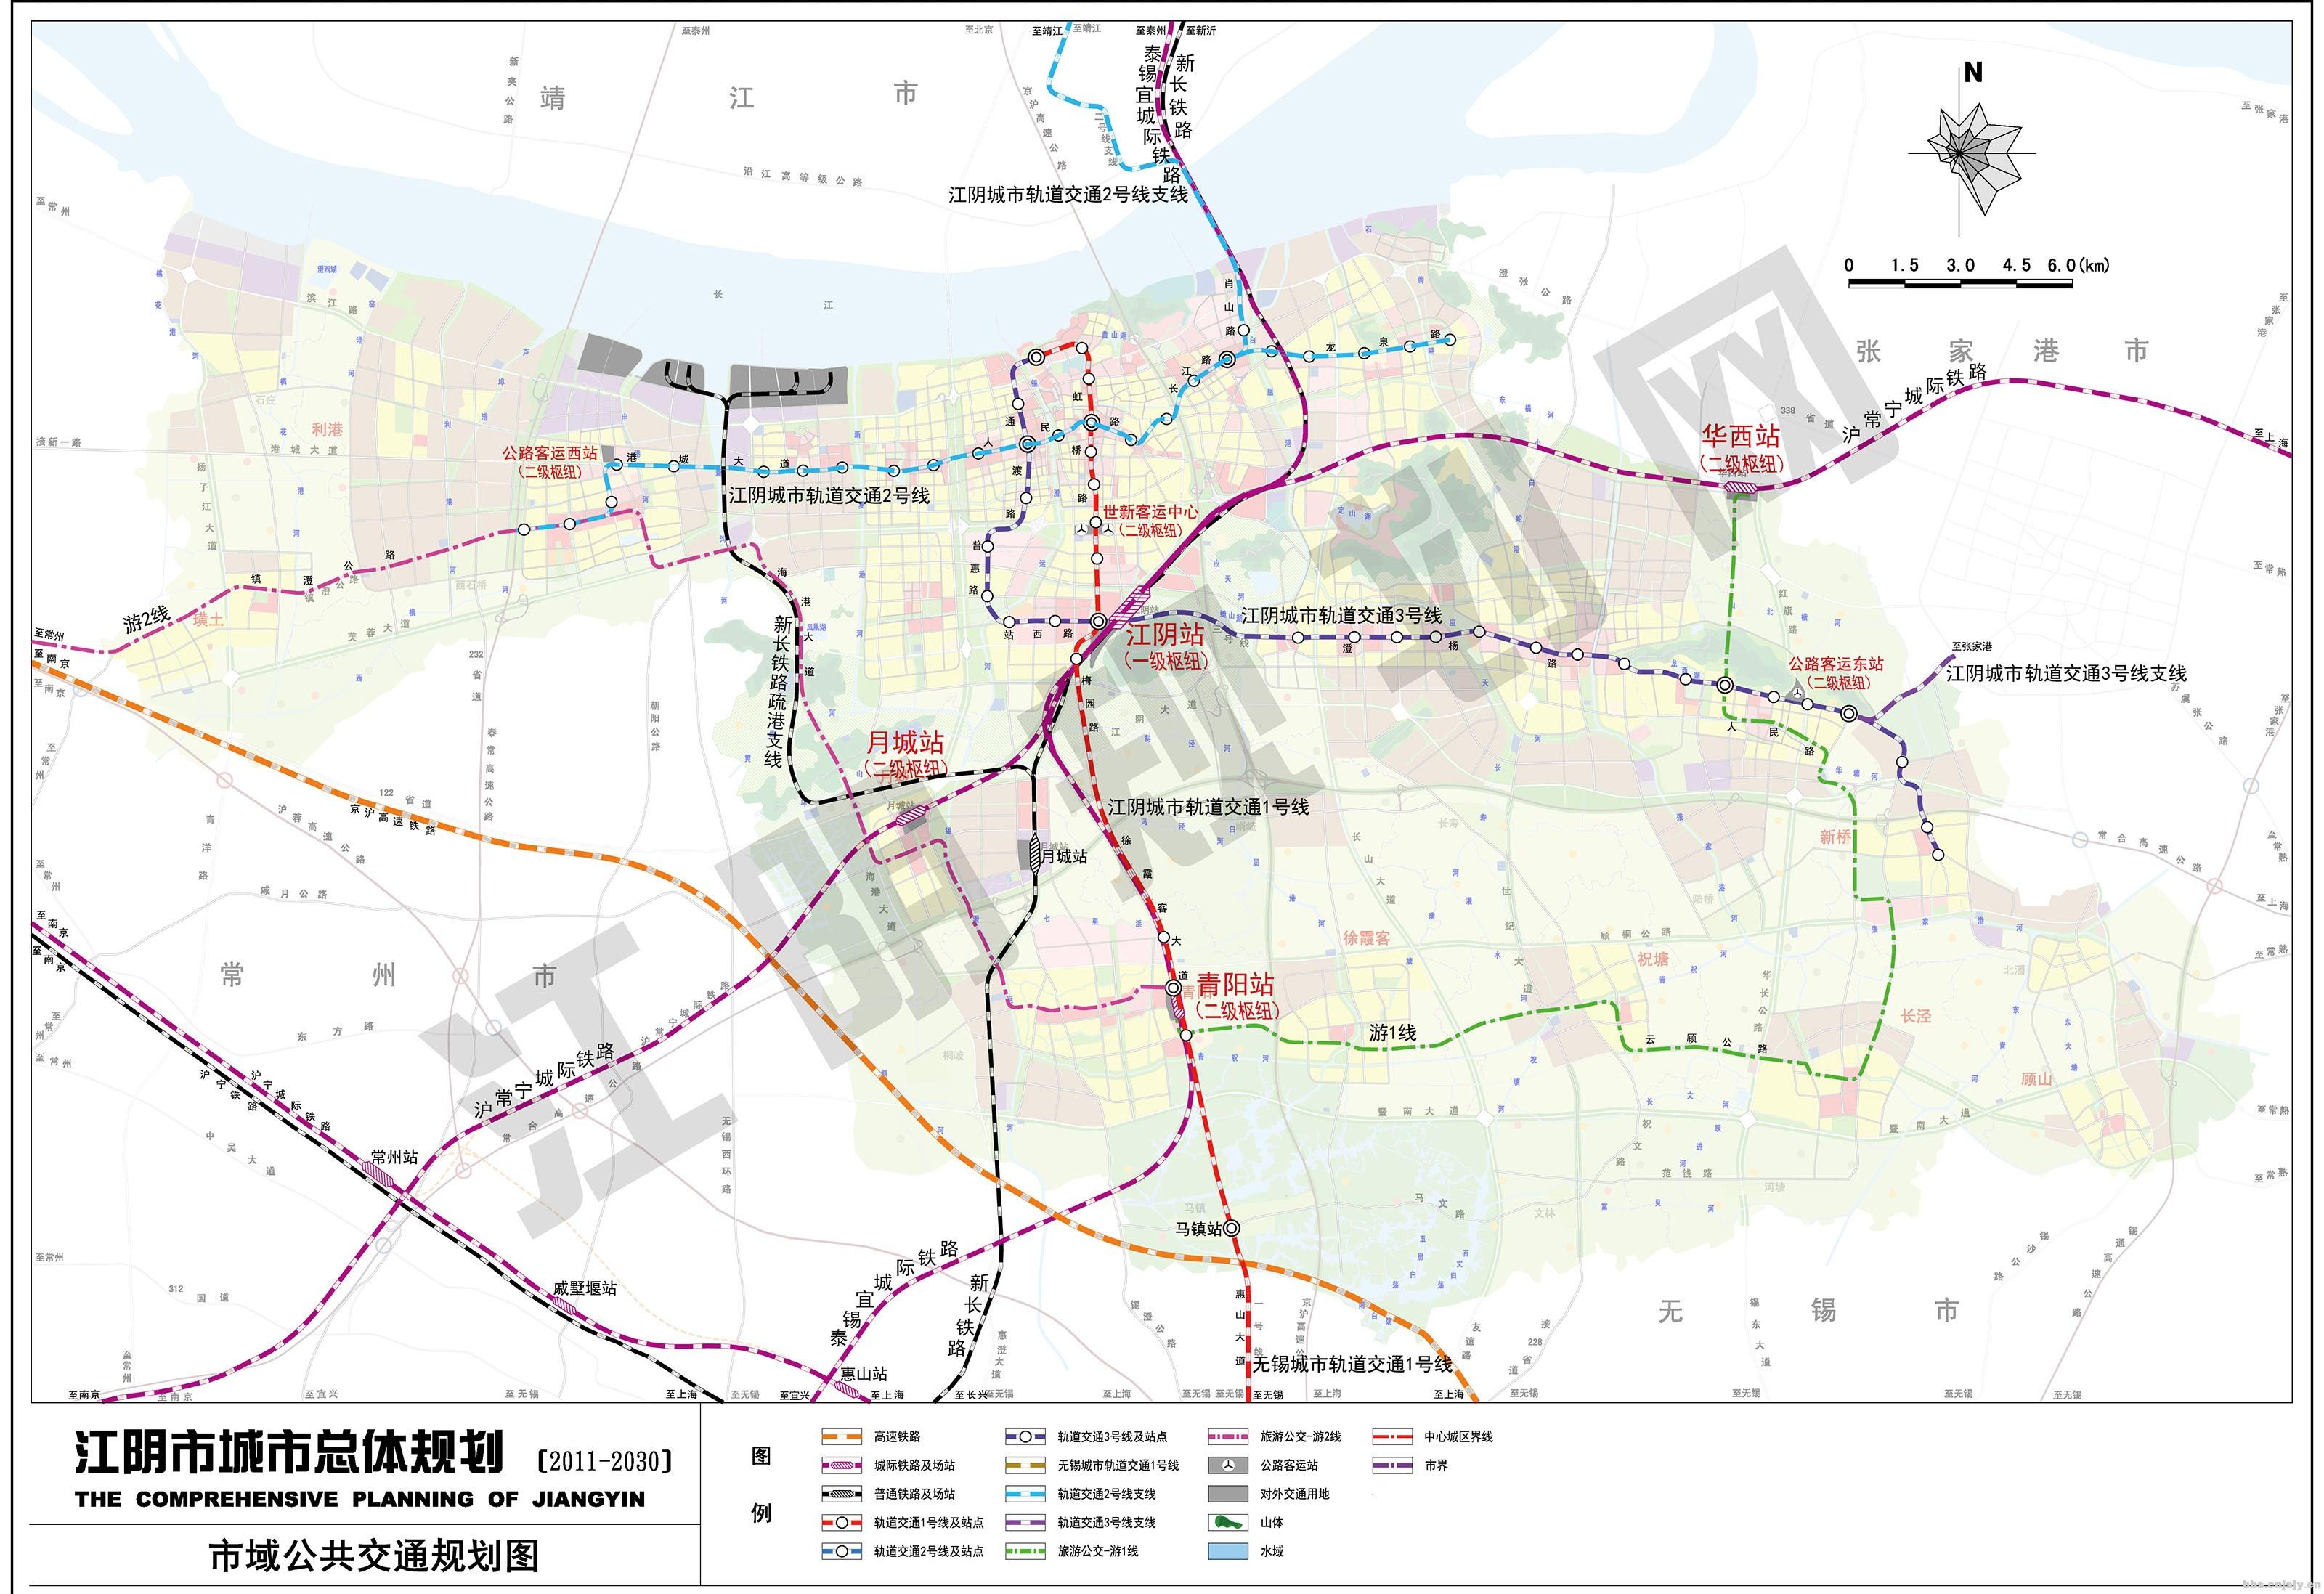 江阴拟发展3条轨道交通线路 1号线与无锡地铁1号线衔接